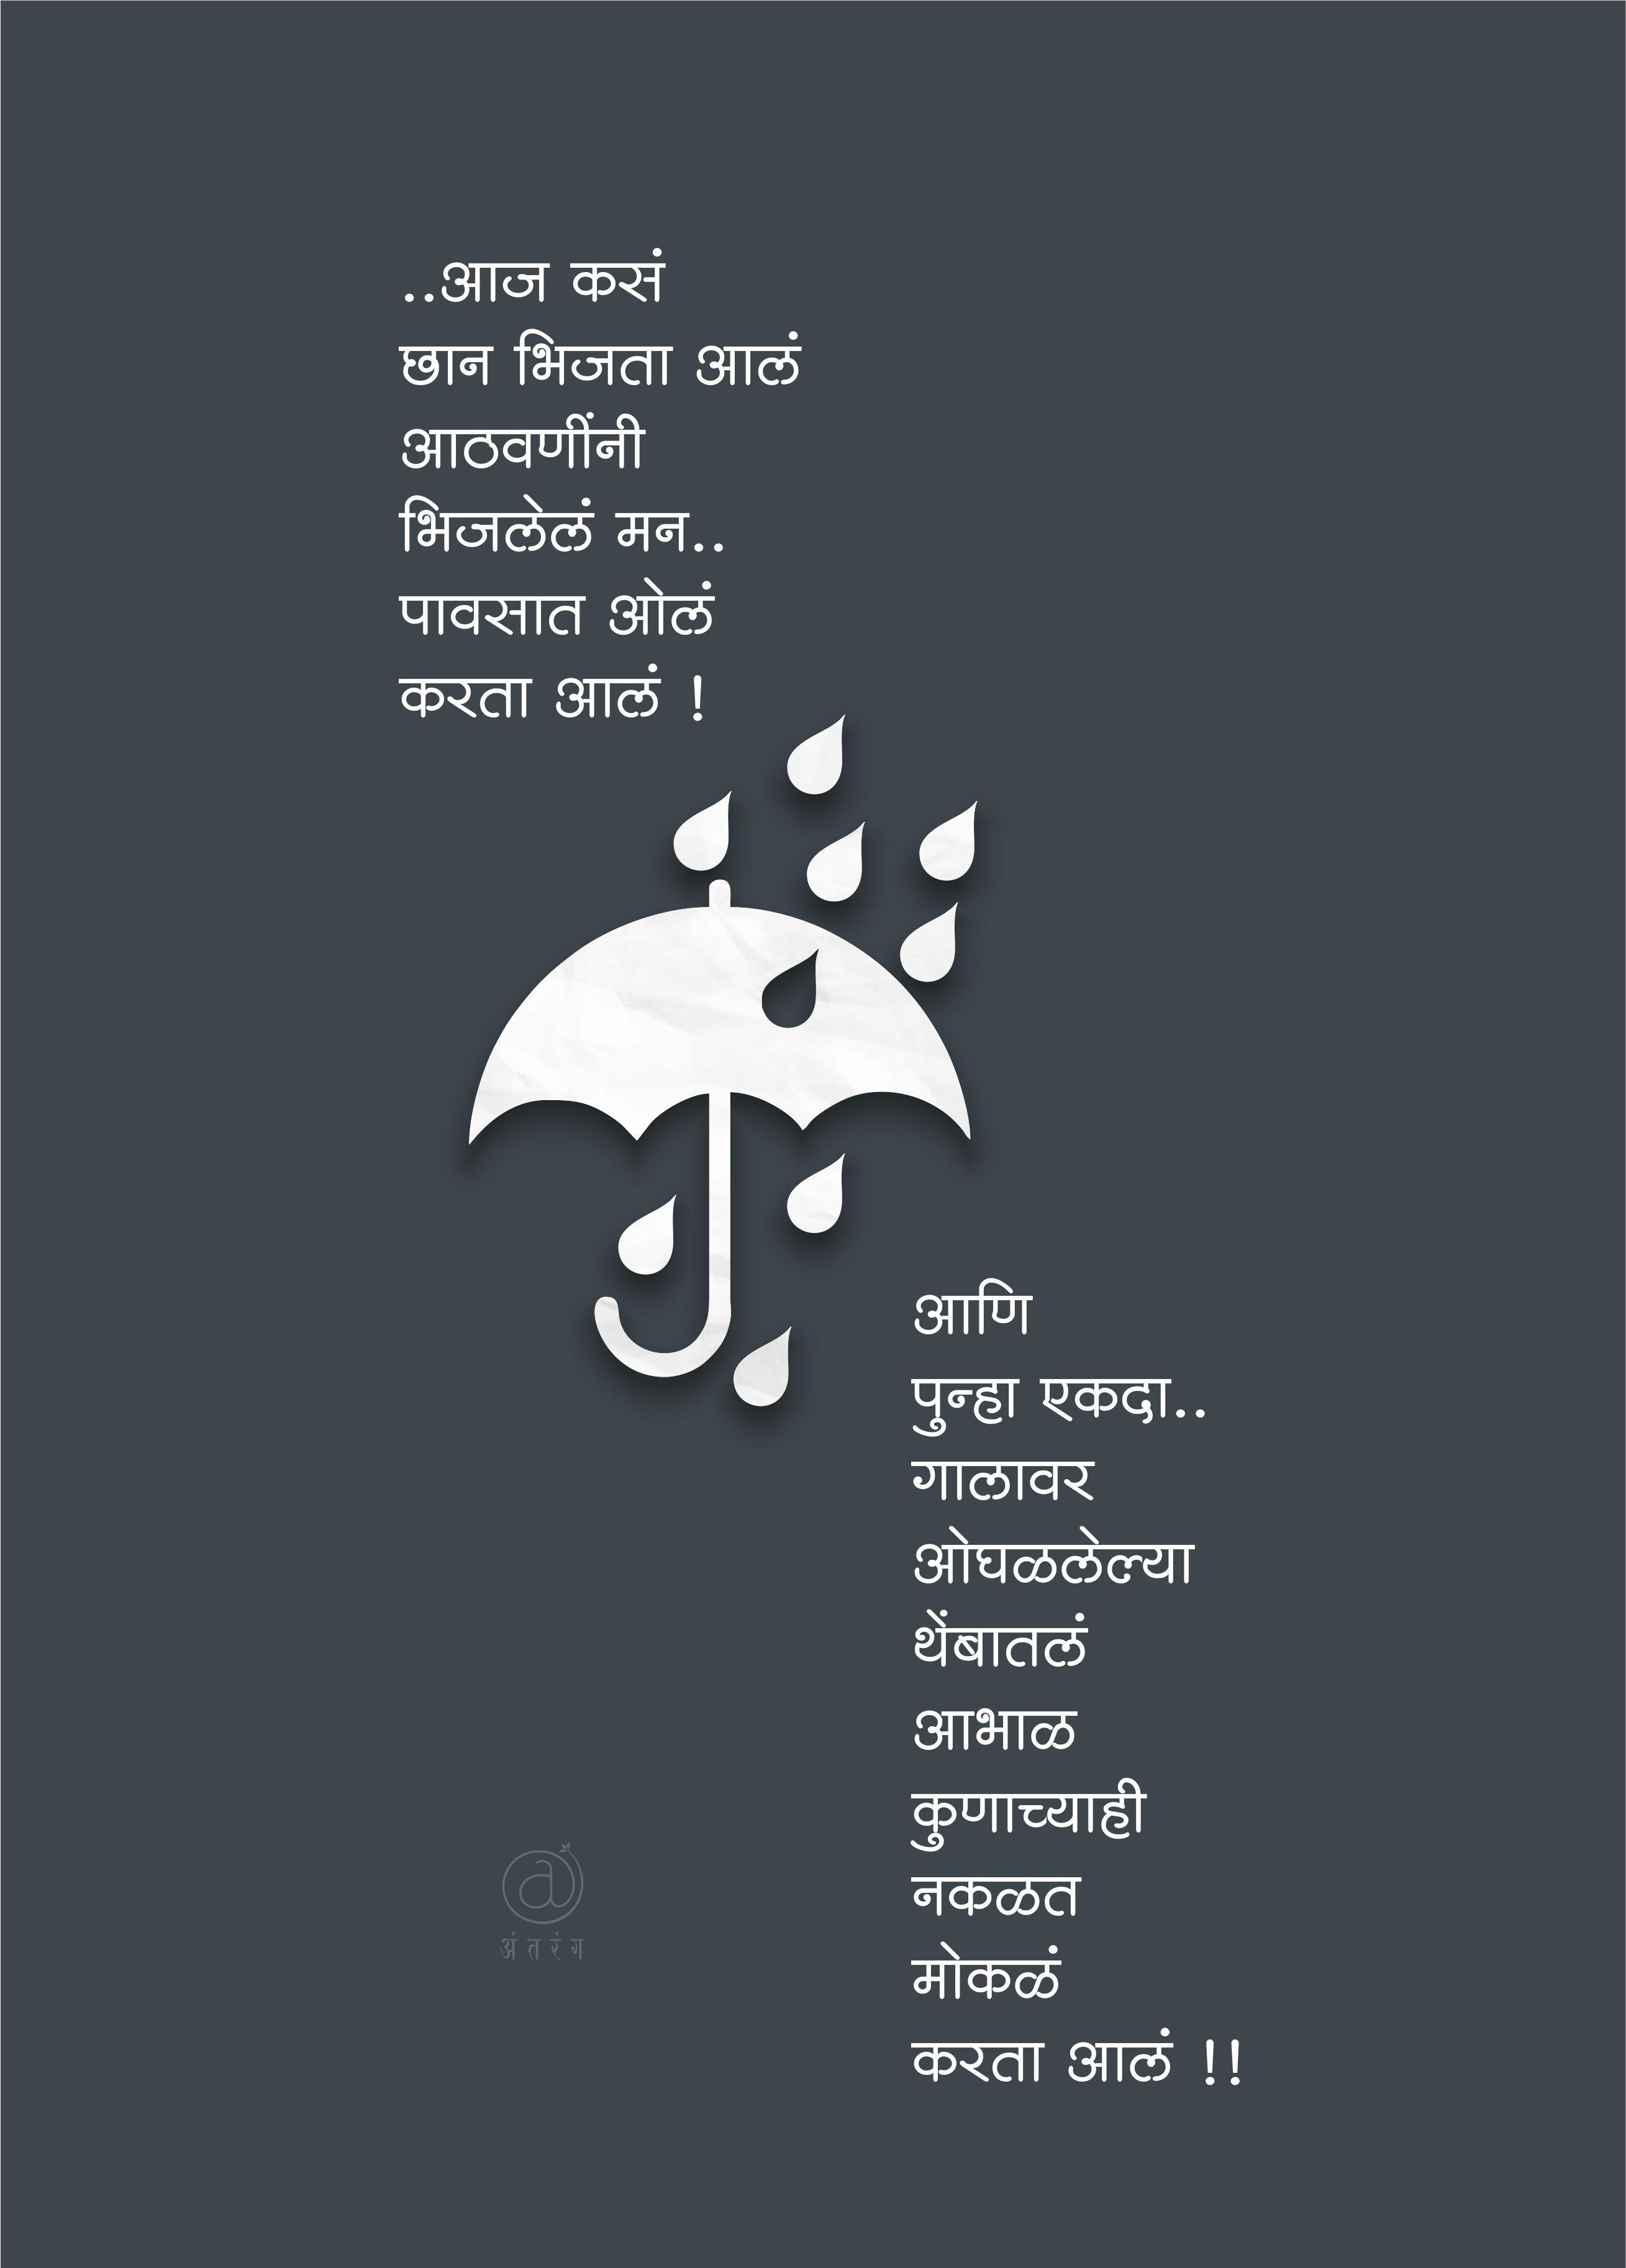 Pin by nilesh gitay on Marathi Quotes Marathi quotes